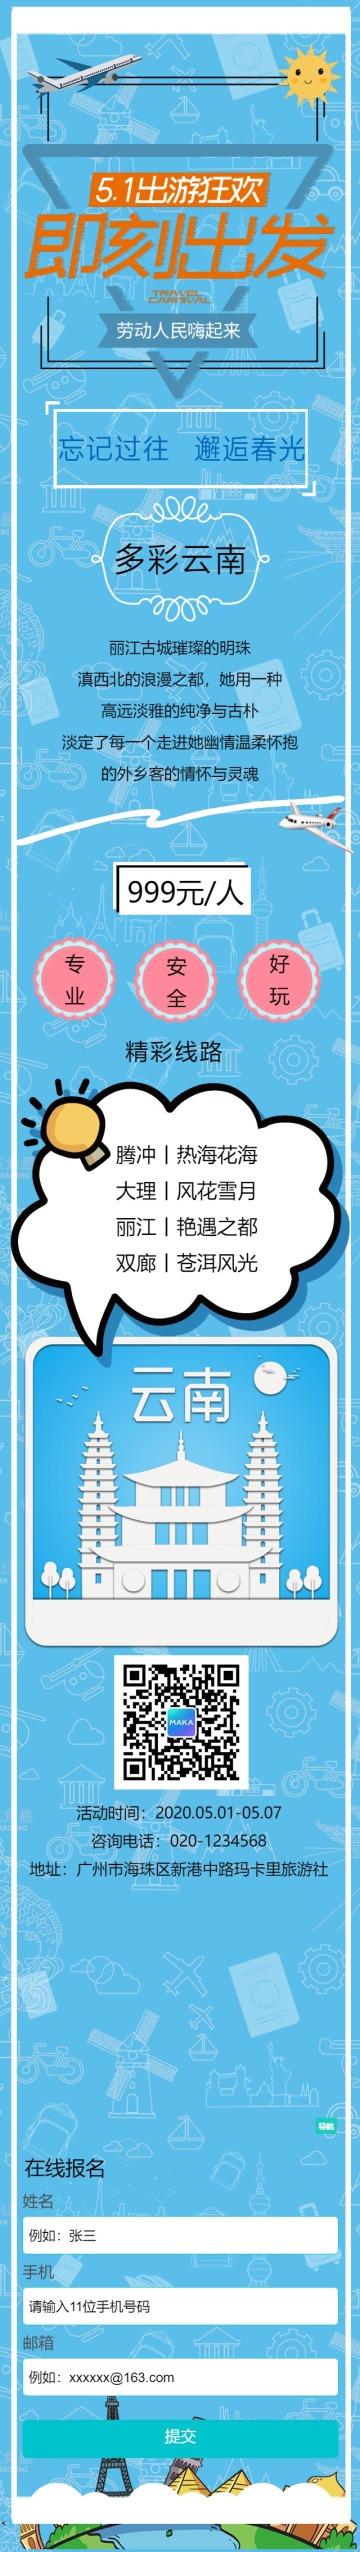 简约文艺五一旅游促销活动单页宣传推广